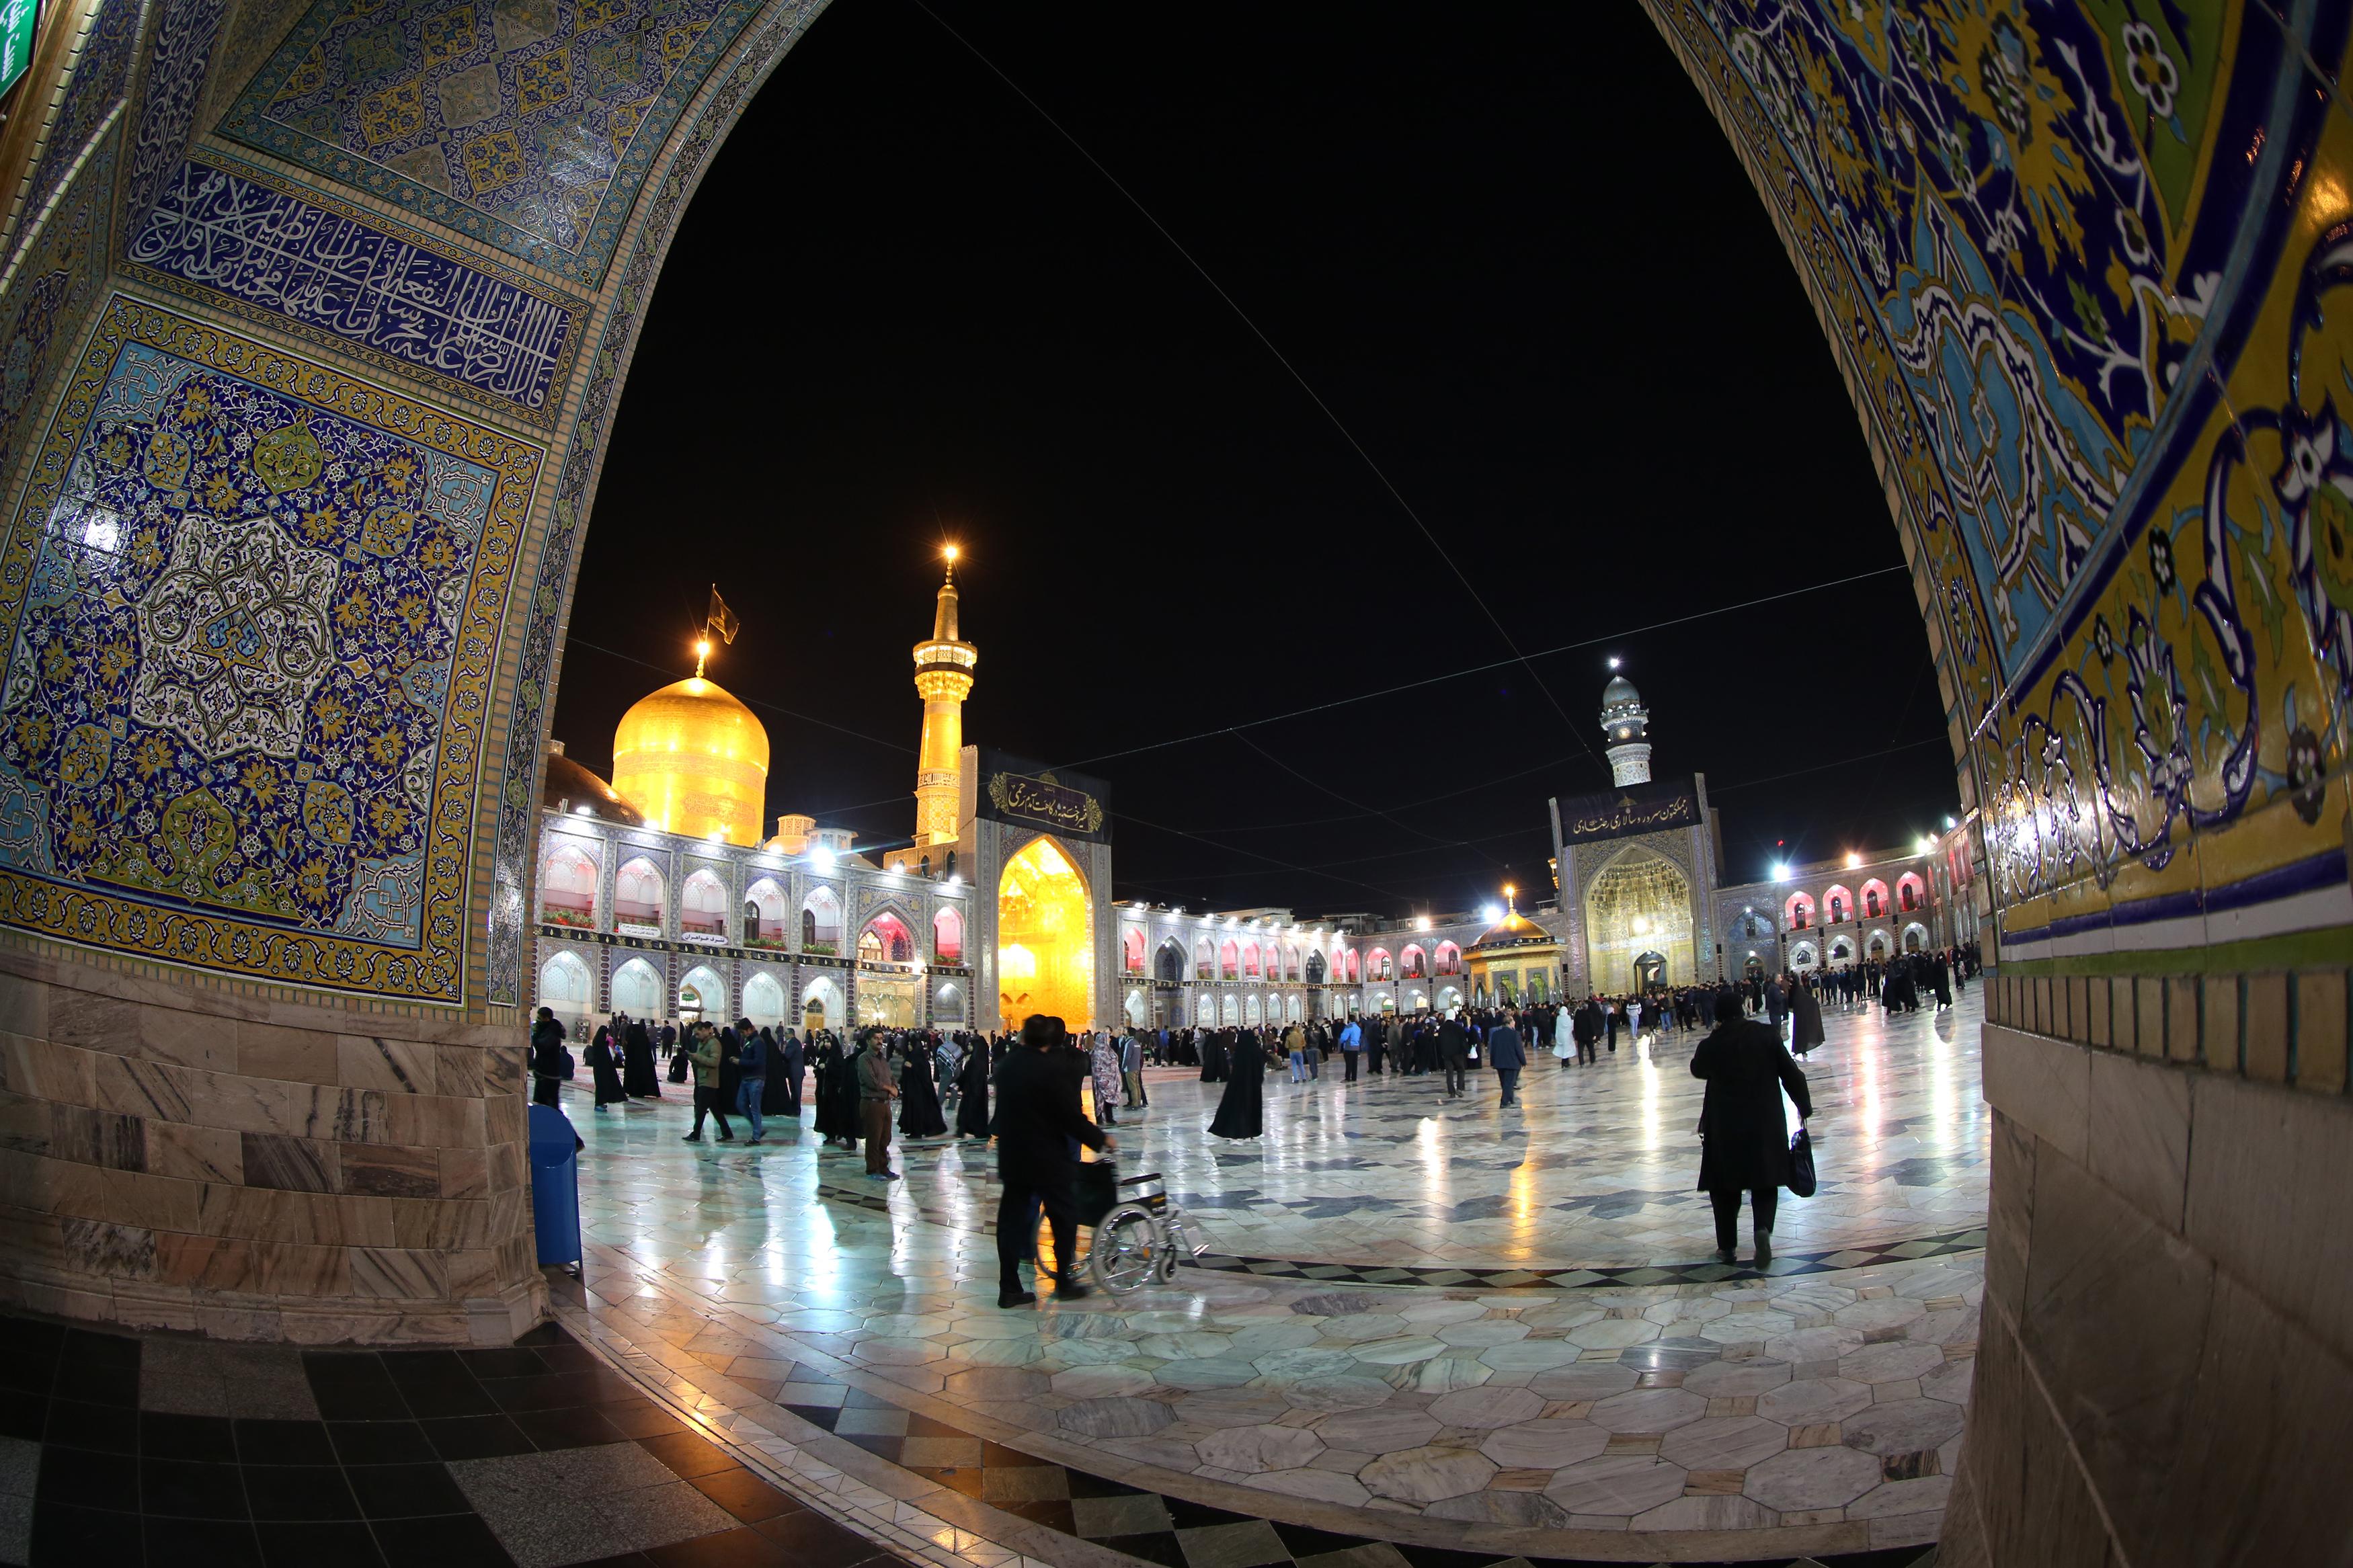 تصاویر مشهد مقدس حرم امام رضا